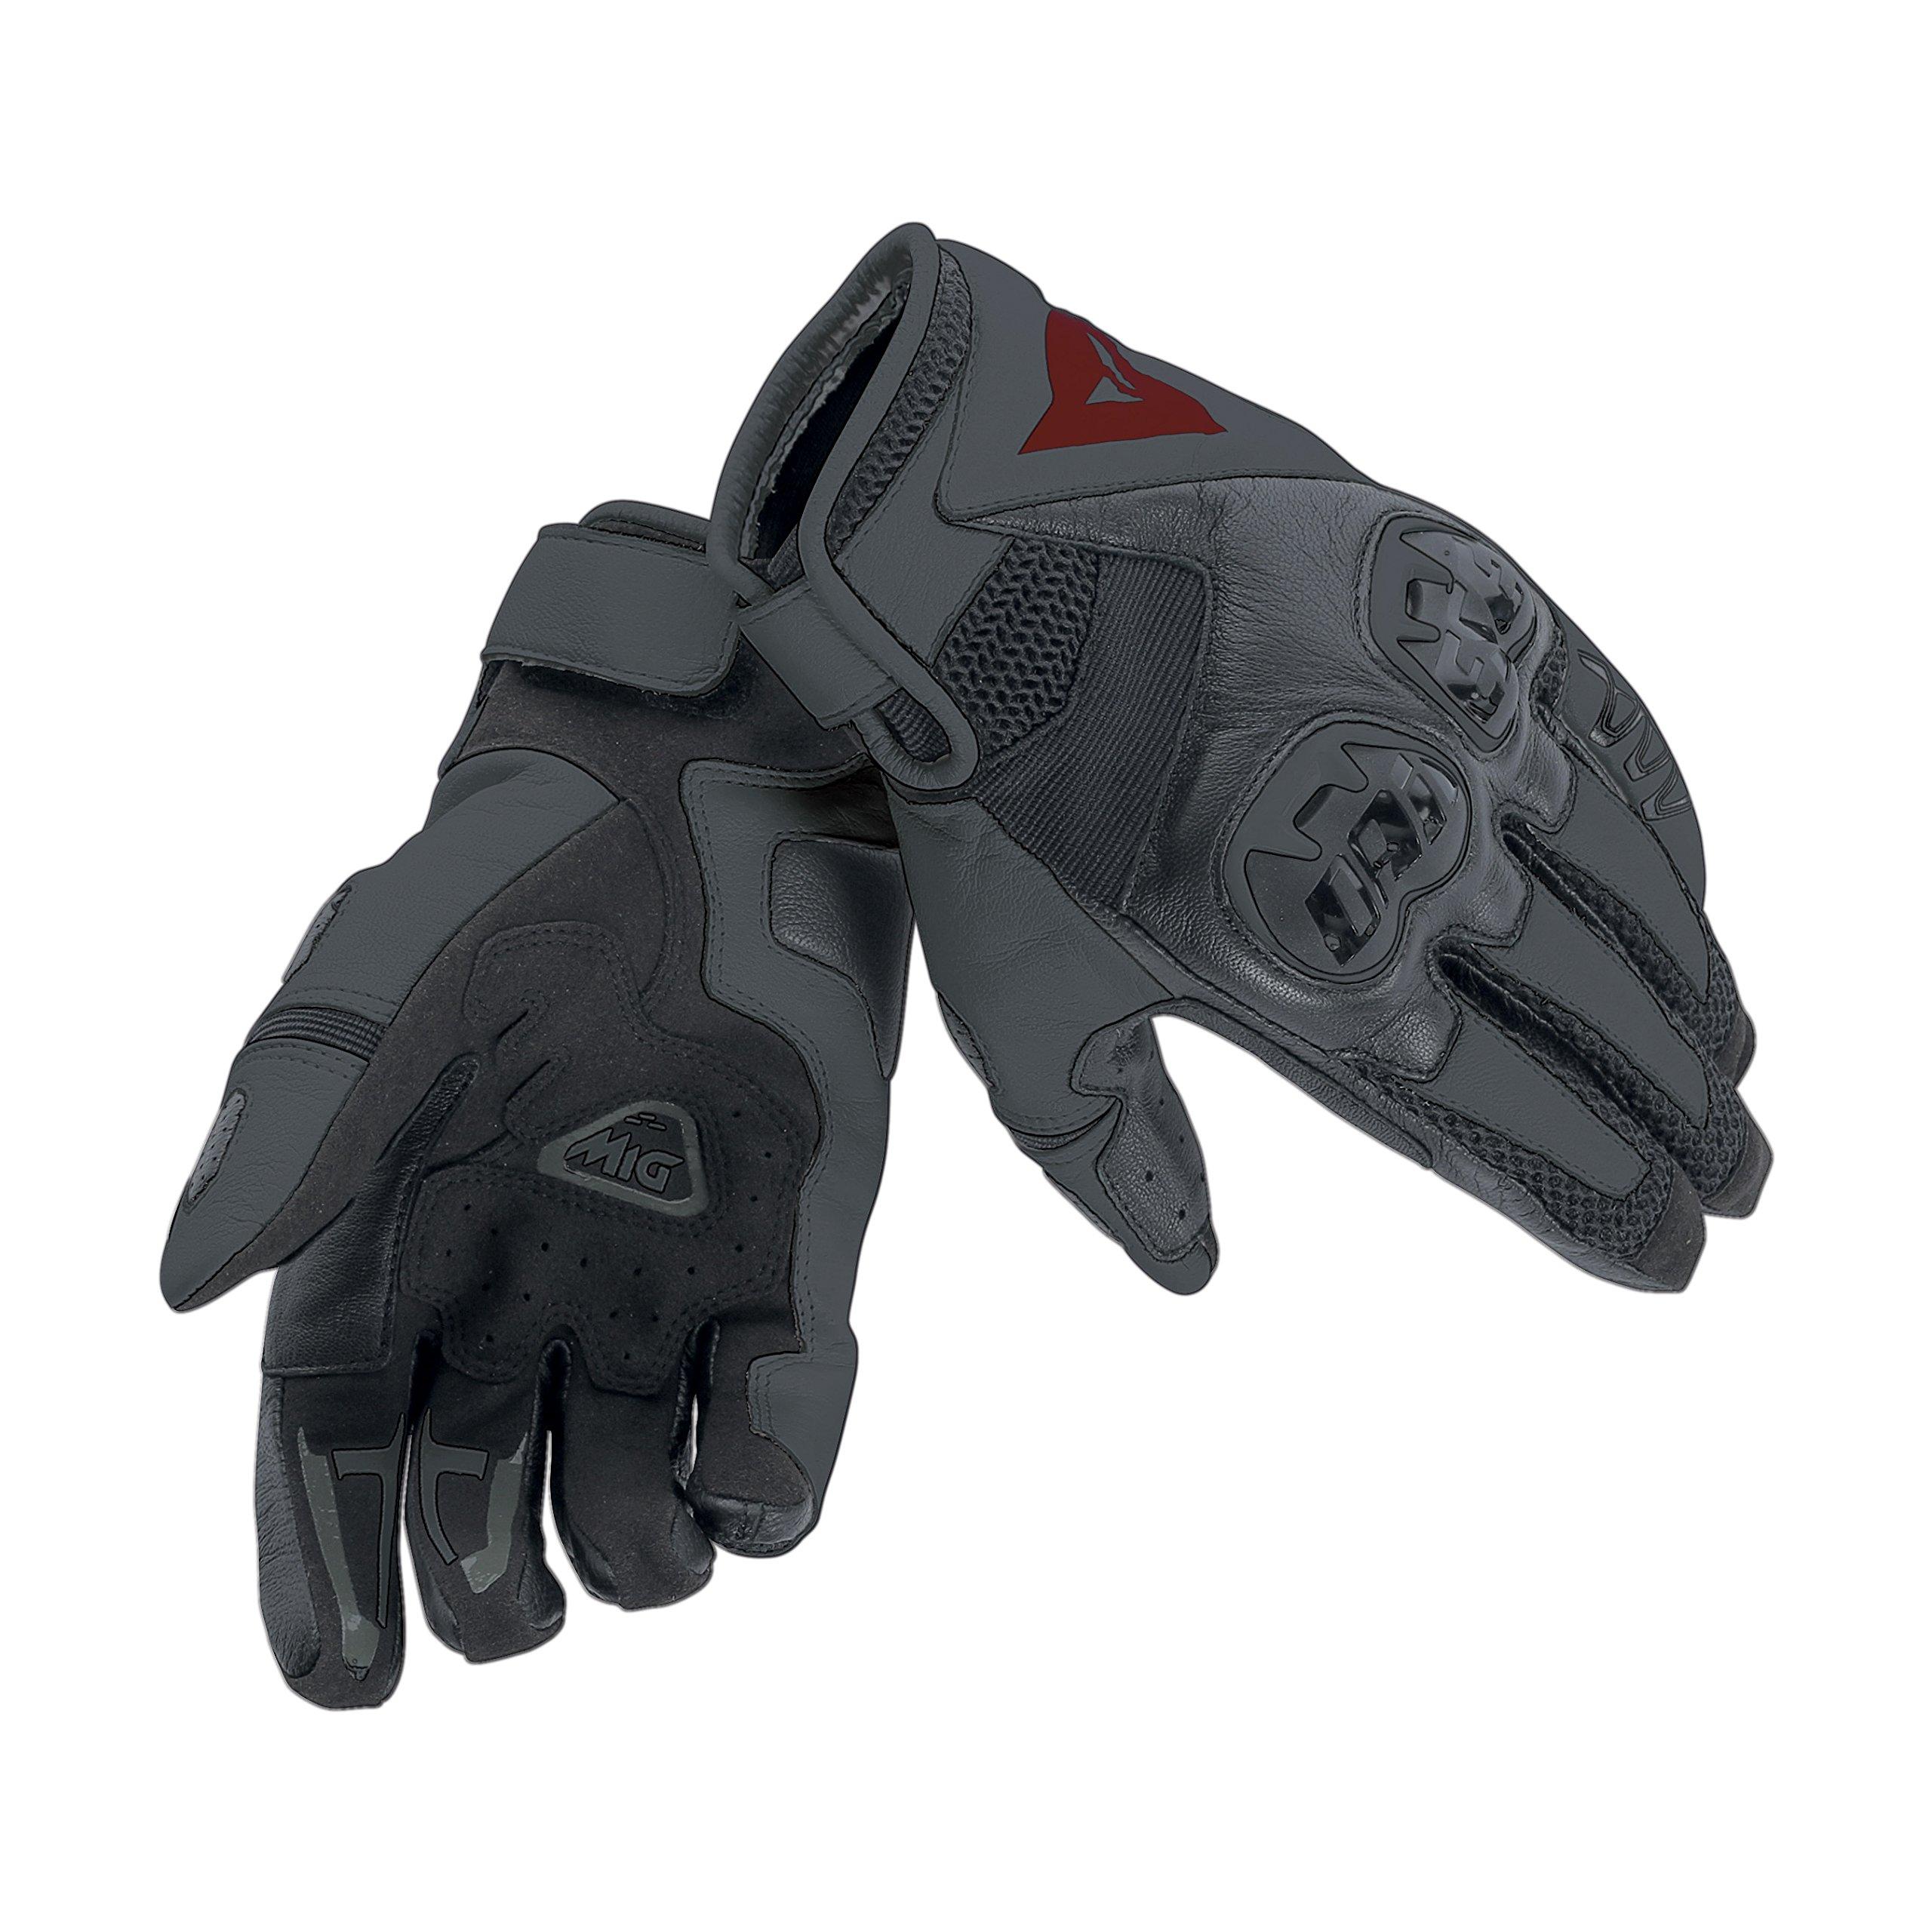 Dainese C2 MIG Unisex Gloves (X-SMALL) (UNISEX)